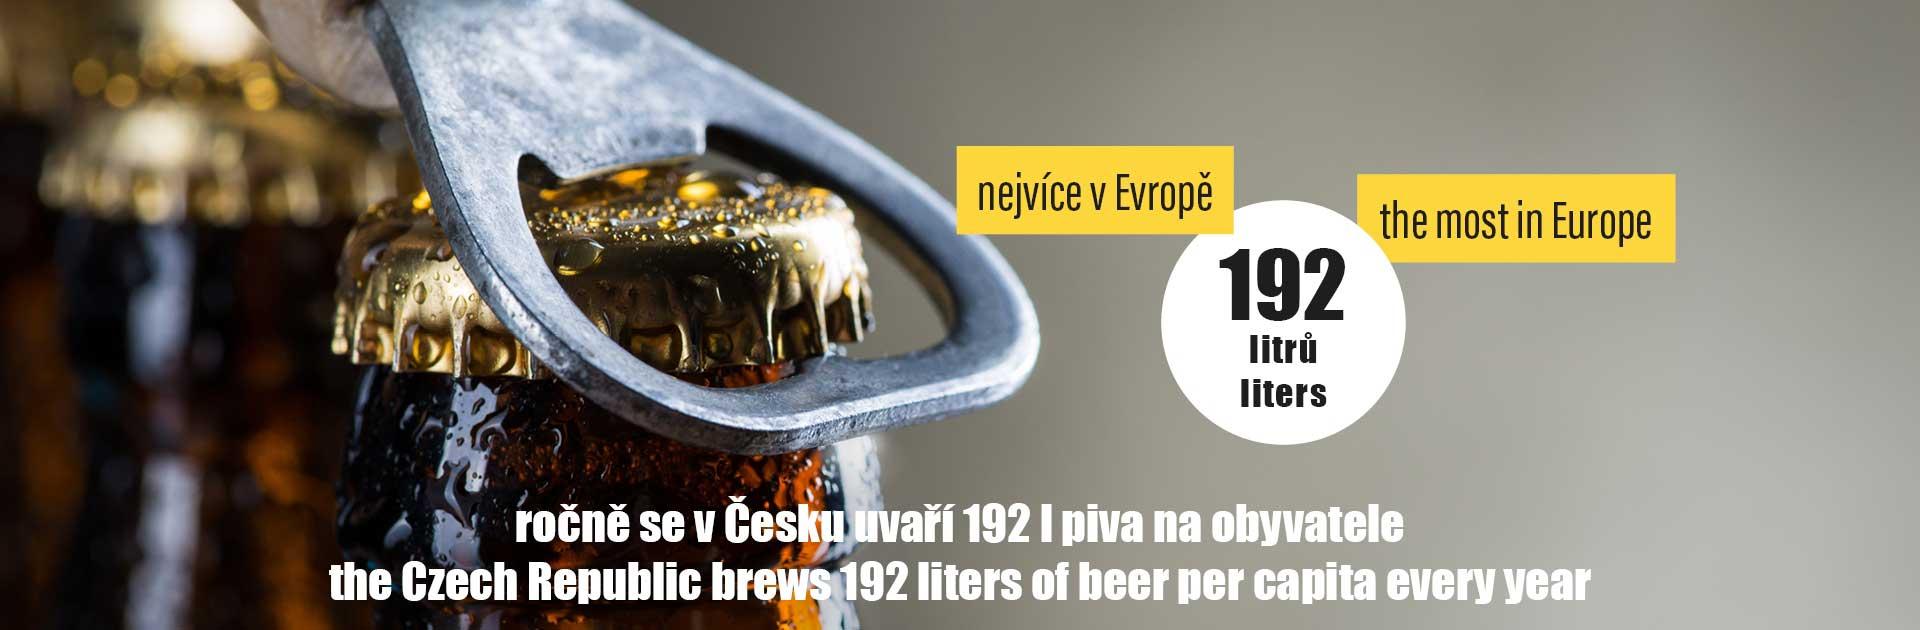 VisitPivo.cz - 192 l na obyvatele